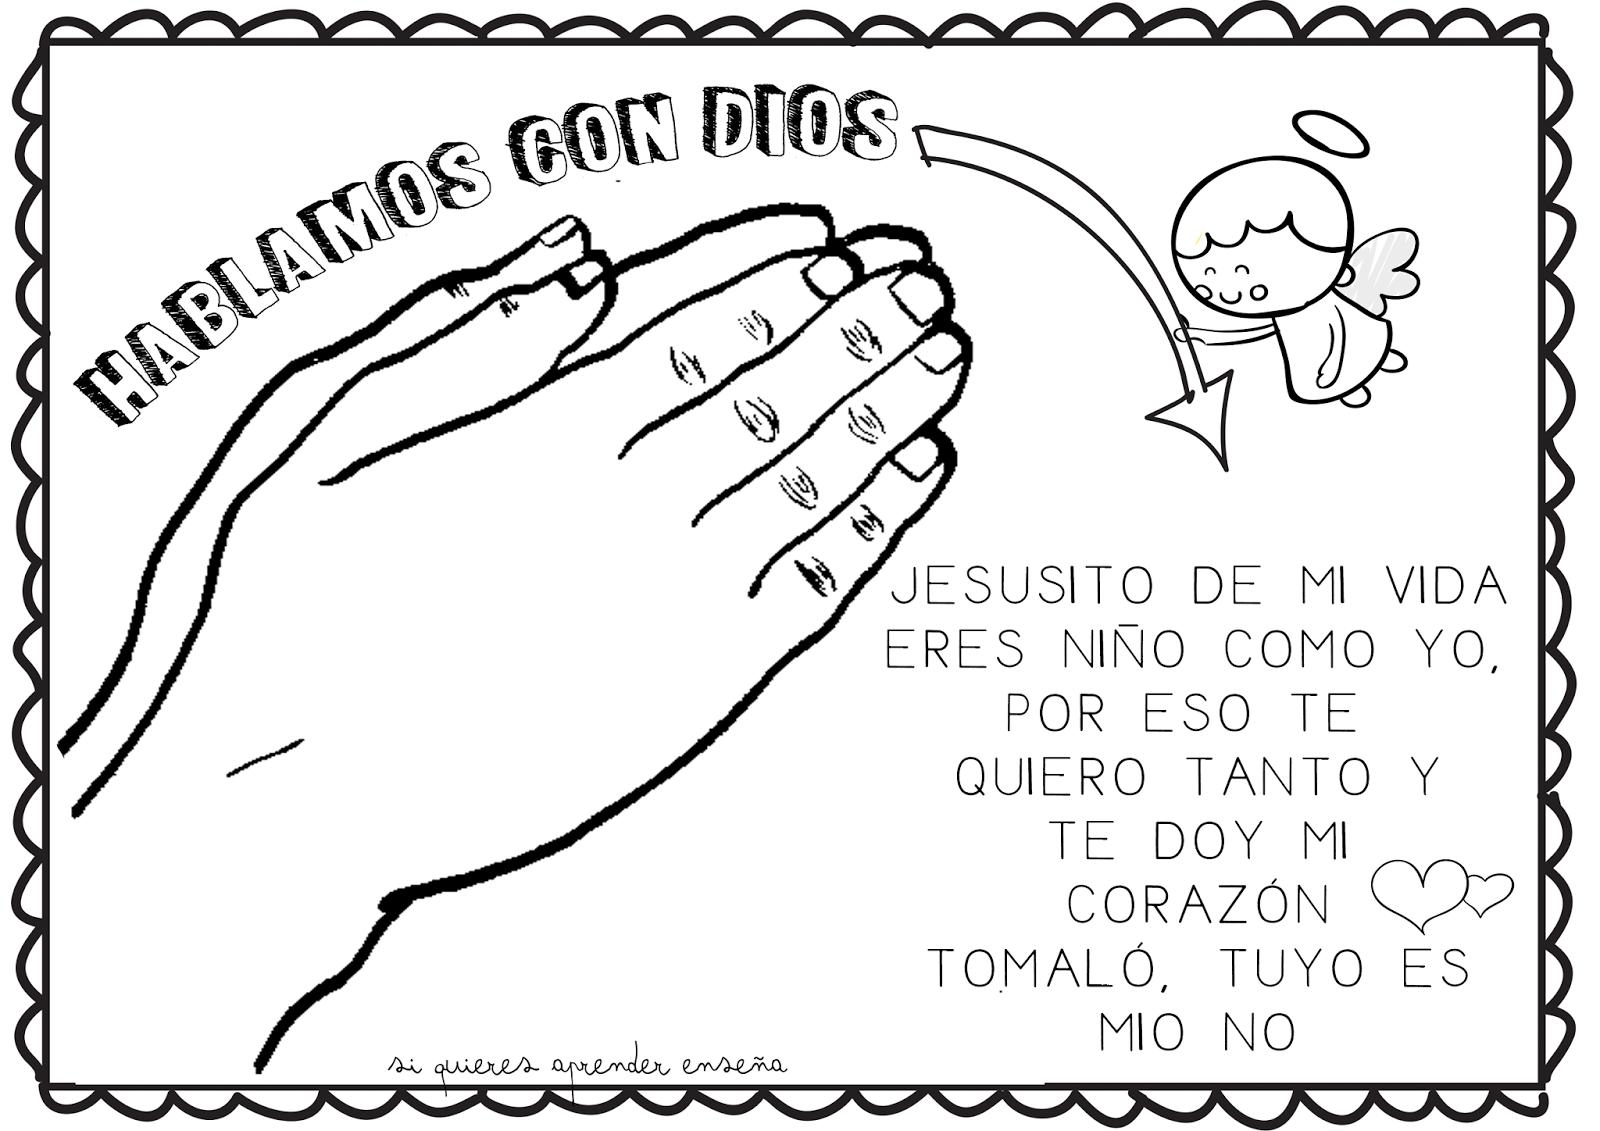 Si Quieres Aprender Enseña Hablamos Con Nuestro Amigo Dios Oraciones Para Niños Actividades De La Escuela Dominical Enseñanza Religiosa